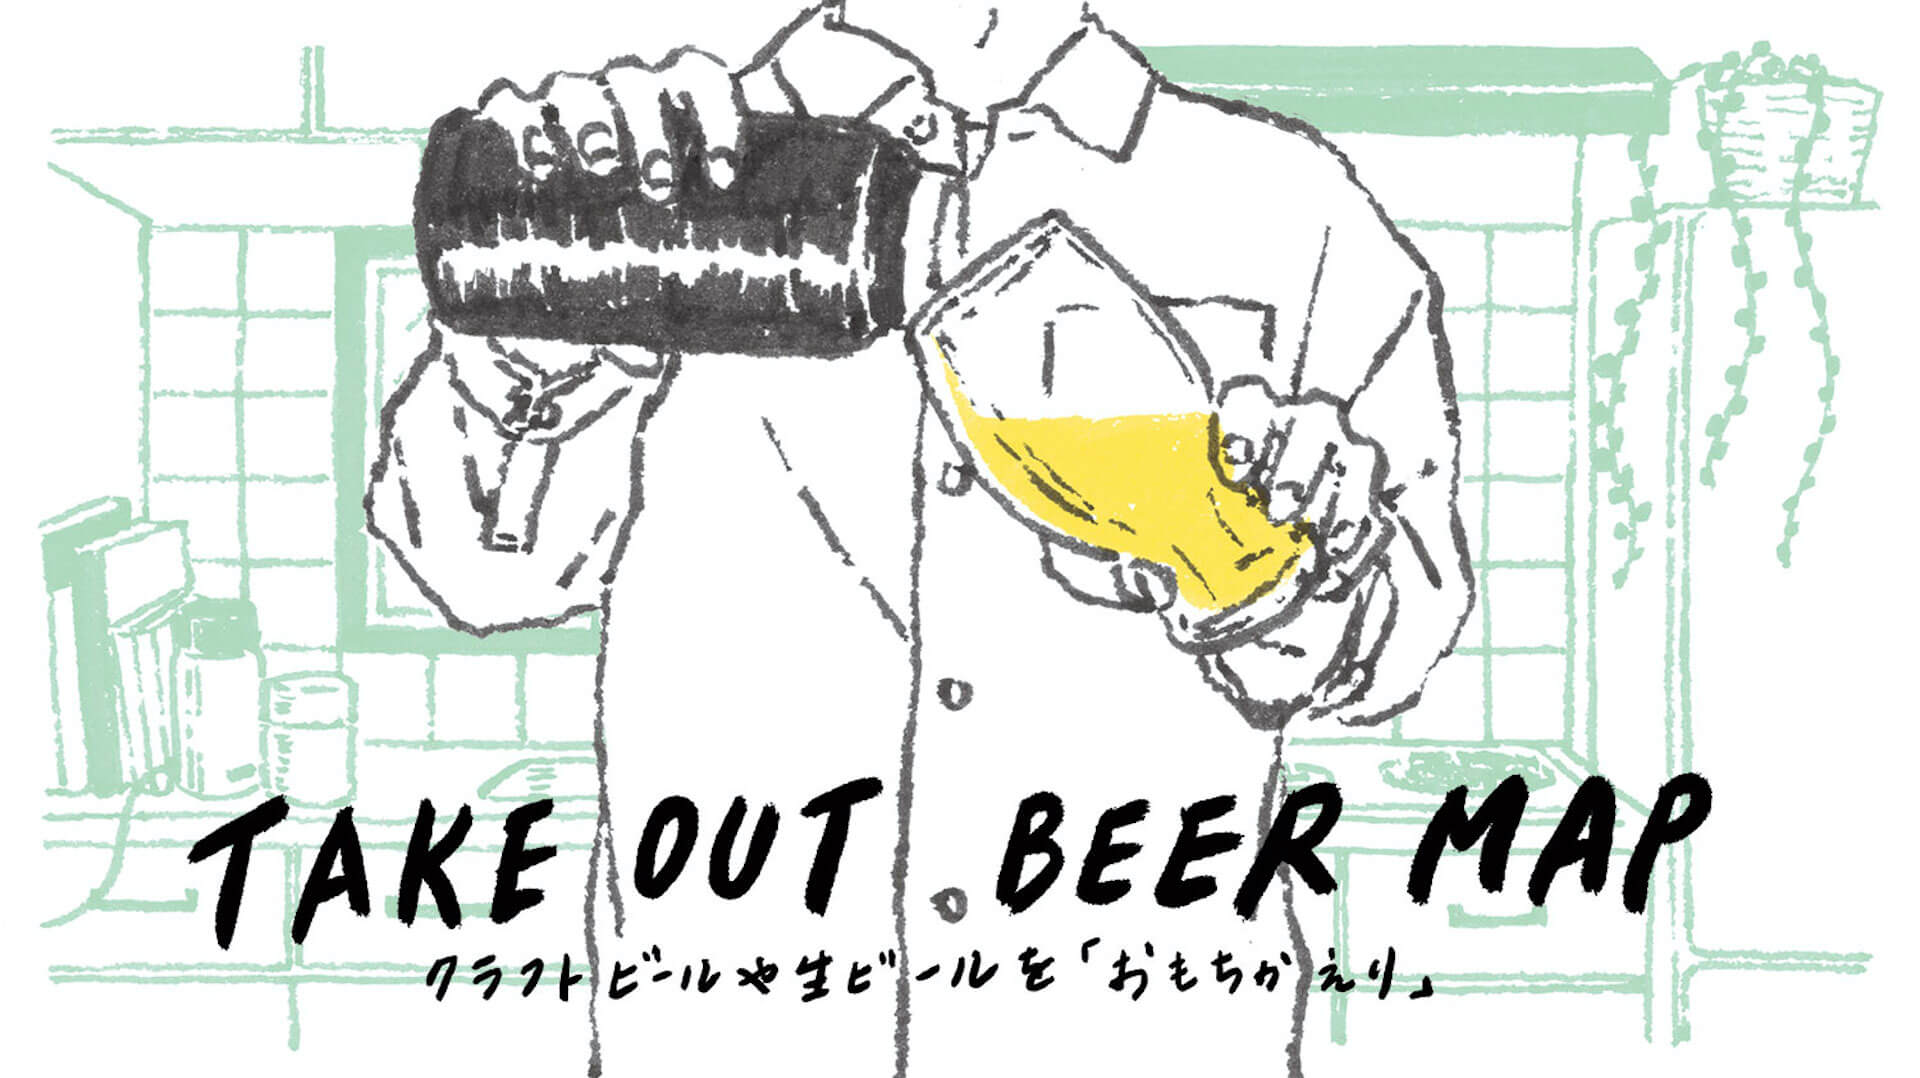 炭酸が入れられるボトル『REVOMAX』で冷えたビールをテイクアウトしよう!全国の量り売り店舗を紹介するmapも公開 gourmet_200701_revomax_beer_02